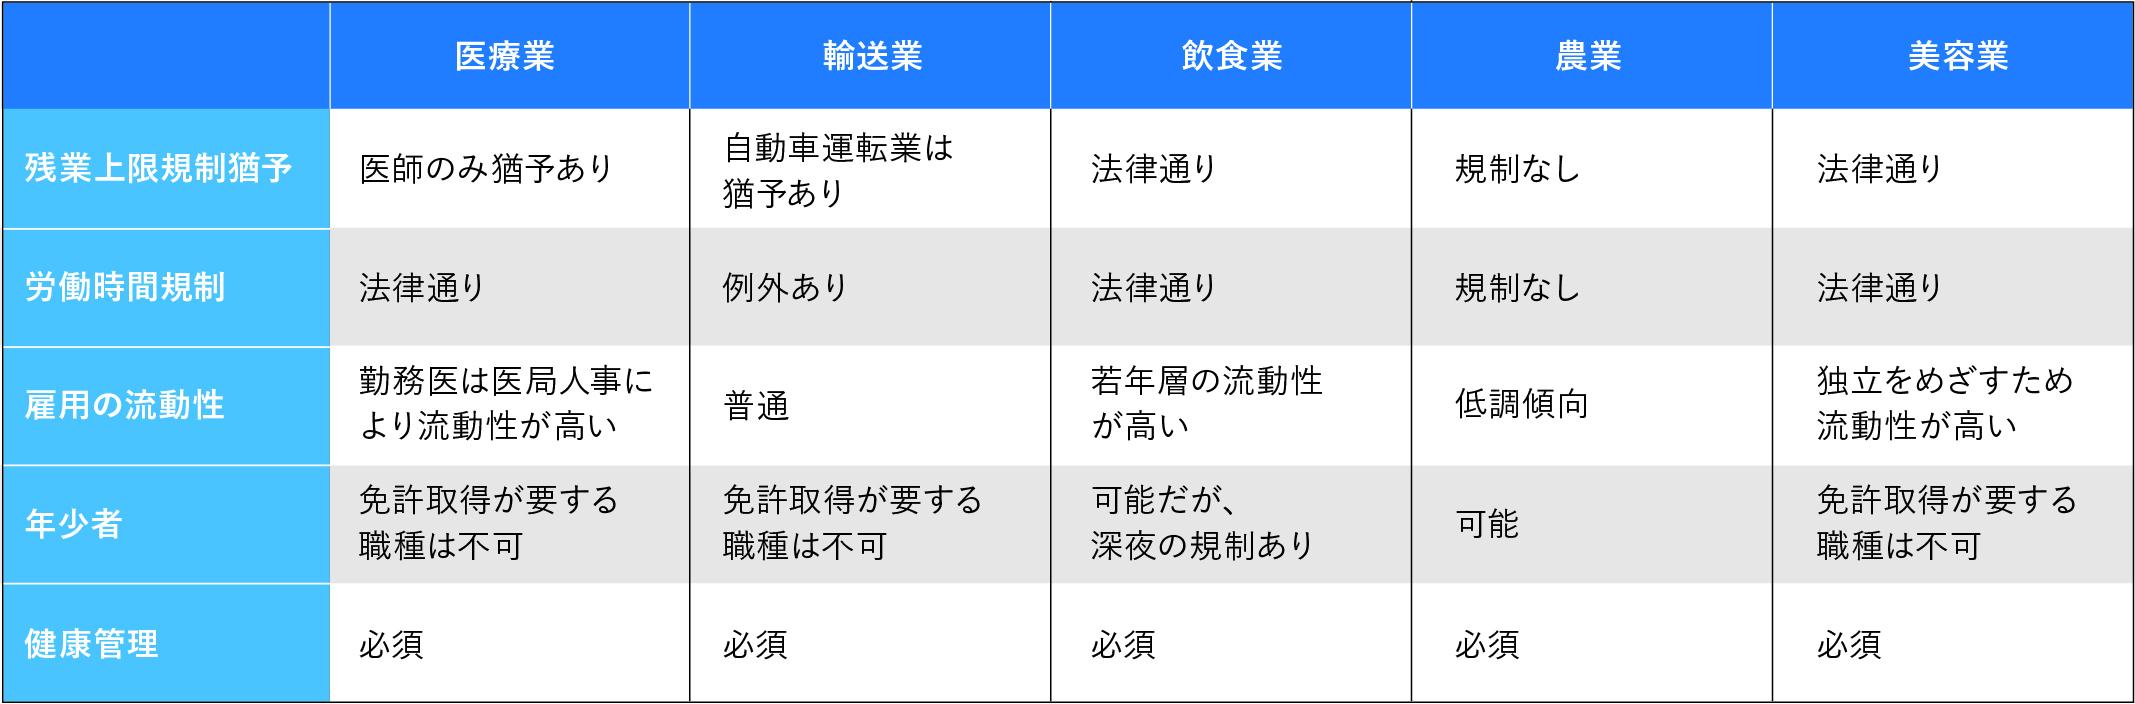 事業別の労務管理の表